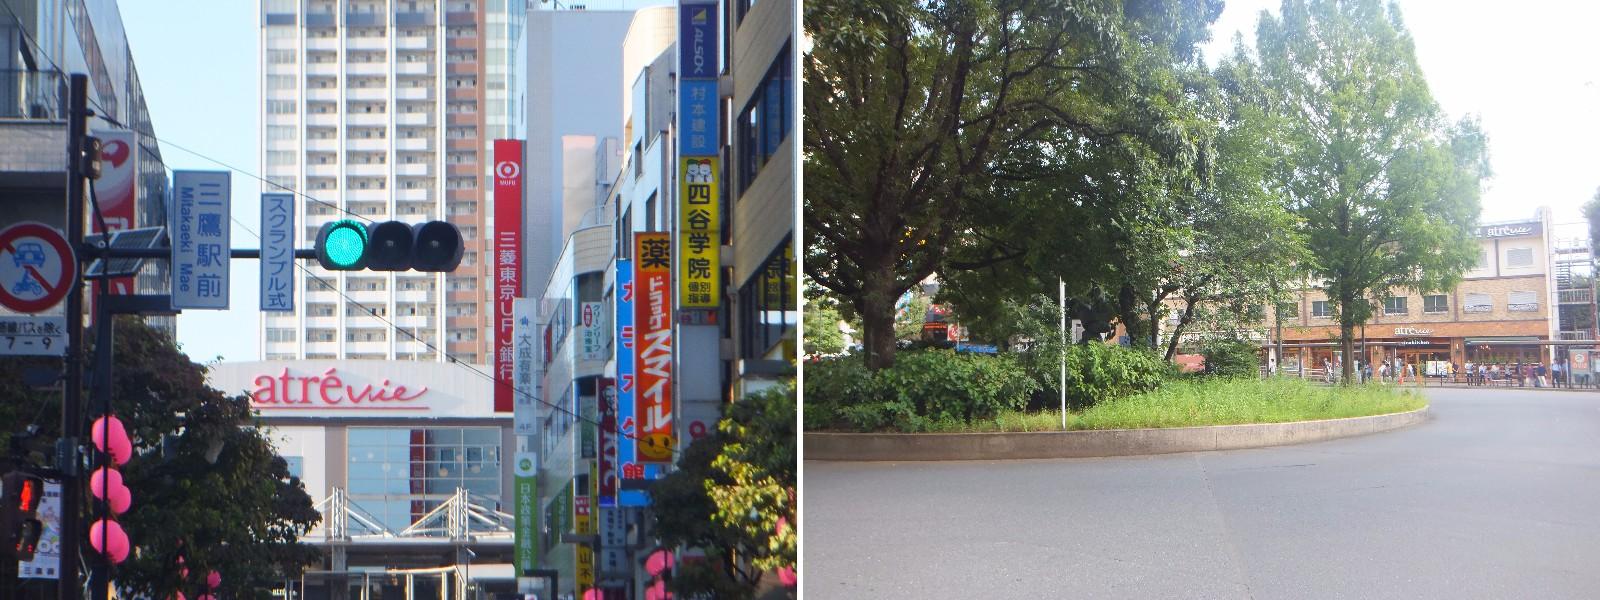 三鷹駅南口中央通りスクランブル交差点と、三鷹駅北口ロータリー